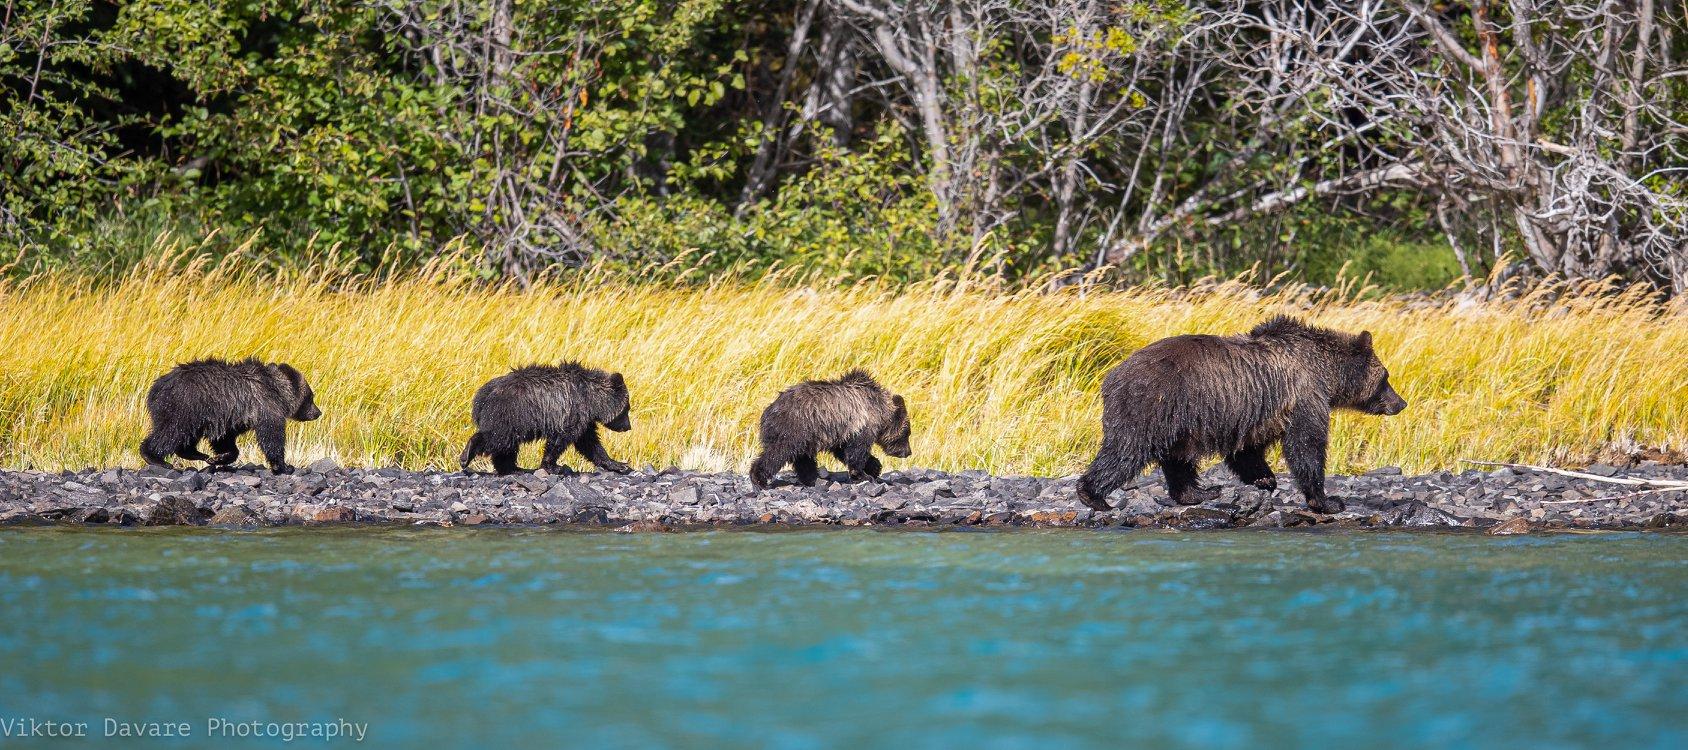 Bären in Kanada: Wie verhalte ich mich richtig?